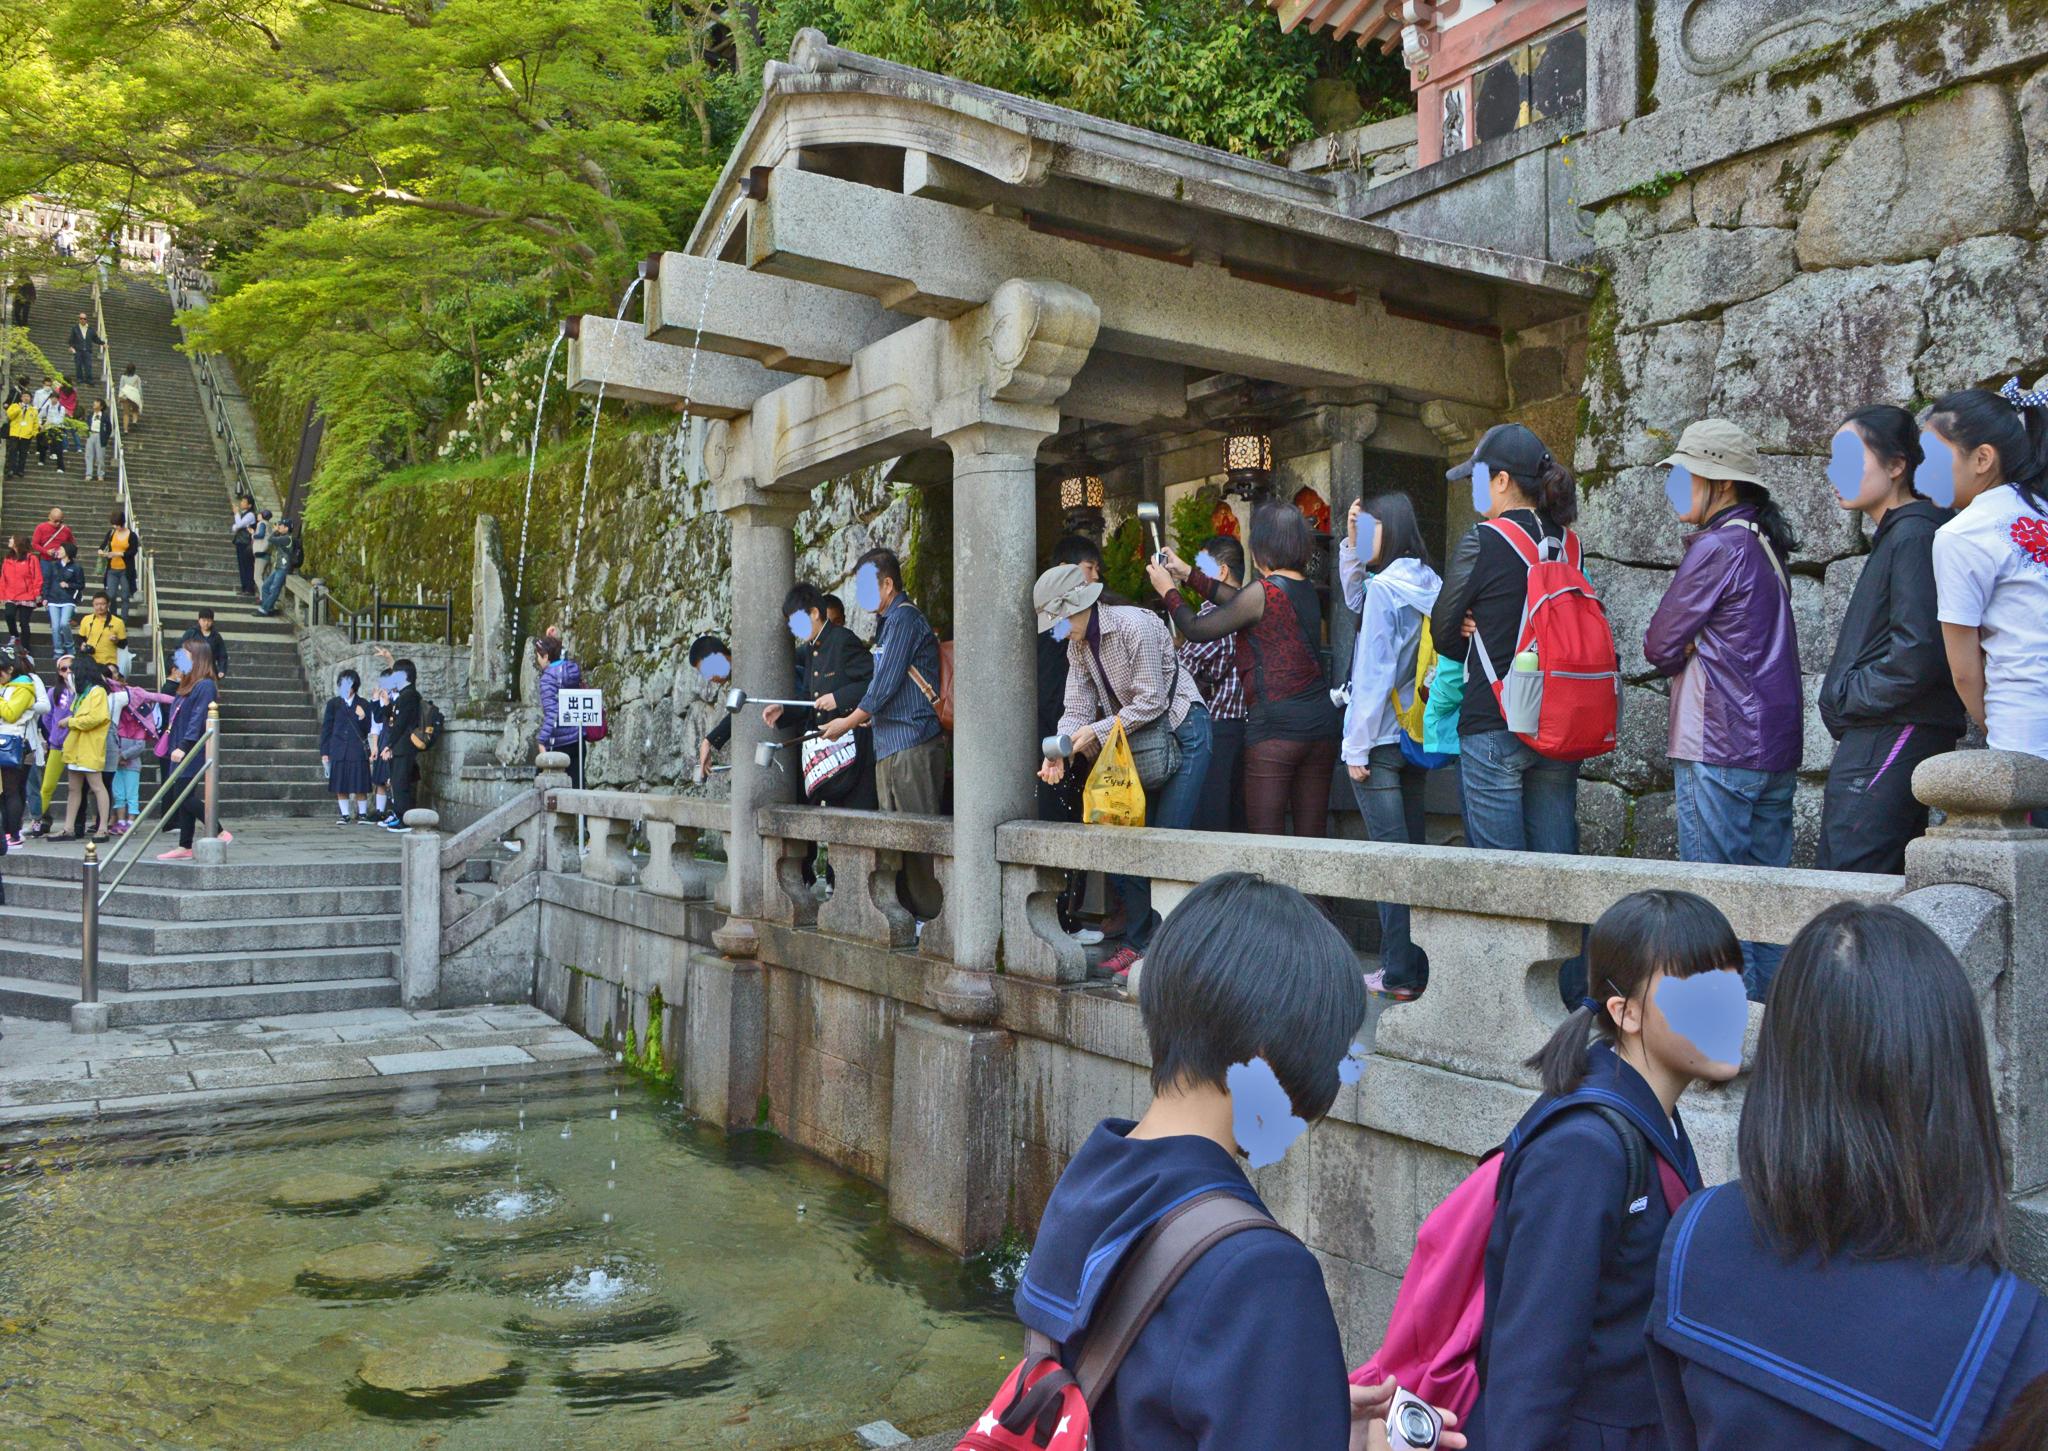 ⇑ 清水寺 定かでないがこの水が寺の名前の基かも?